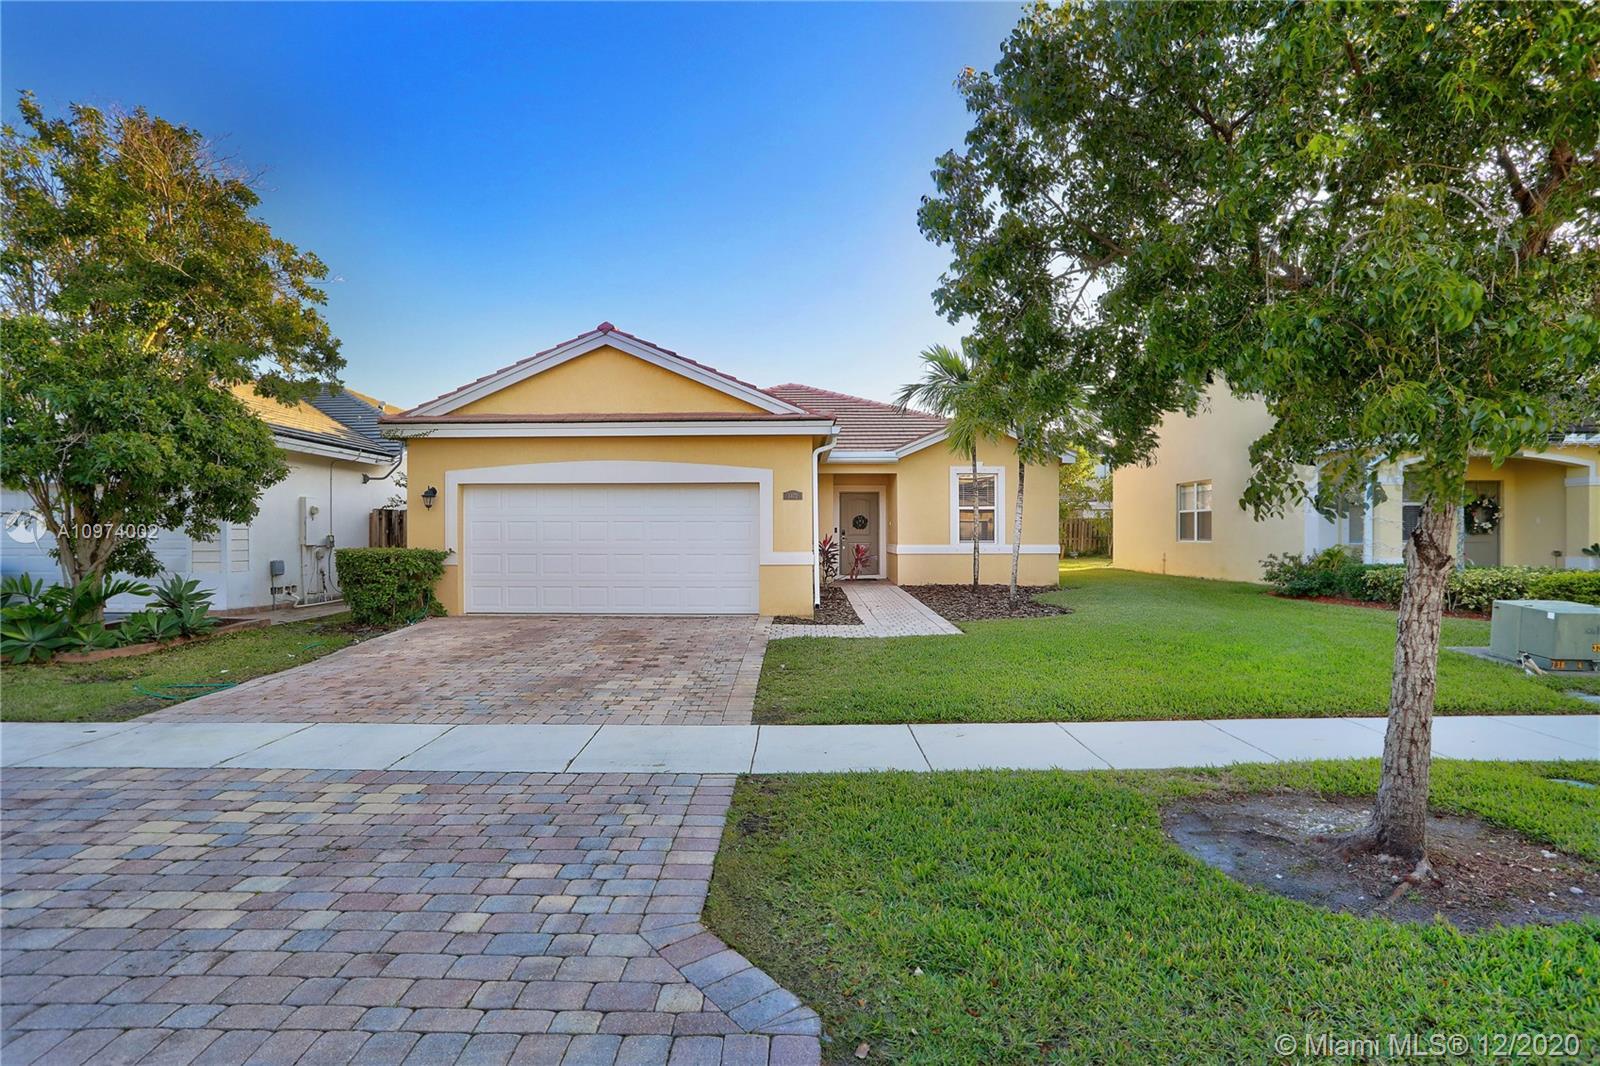 3472 Ne 2nd St Property Photo